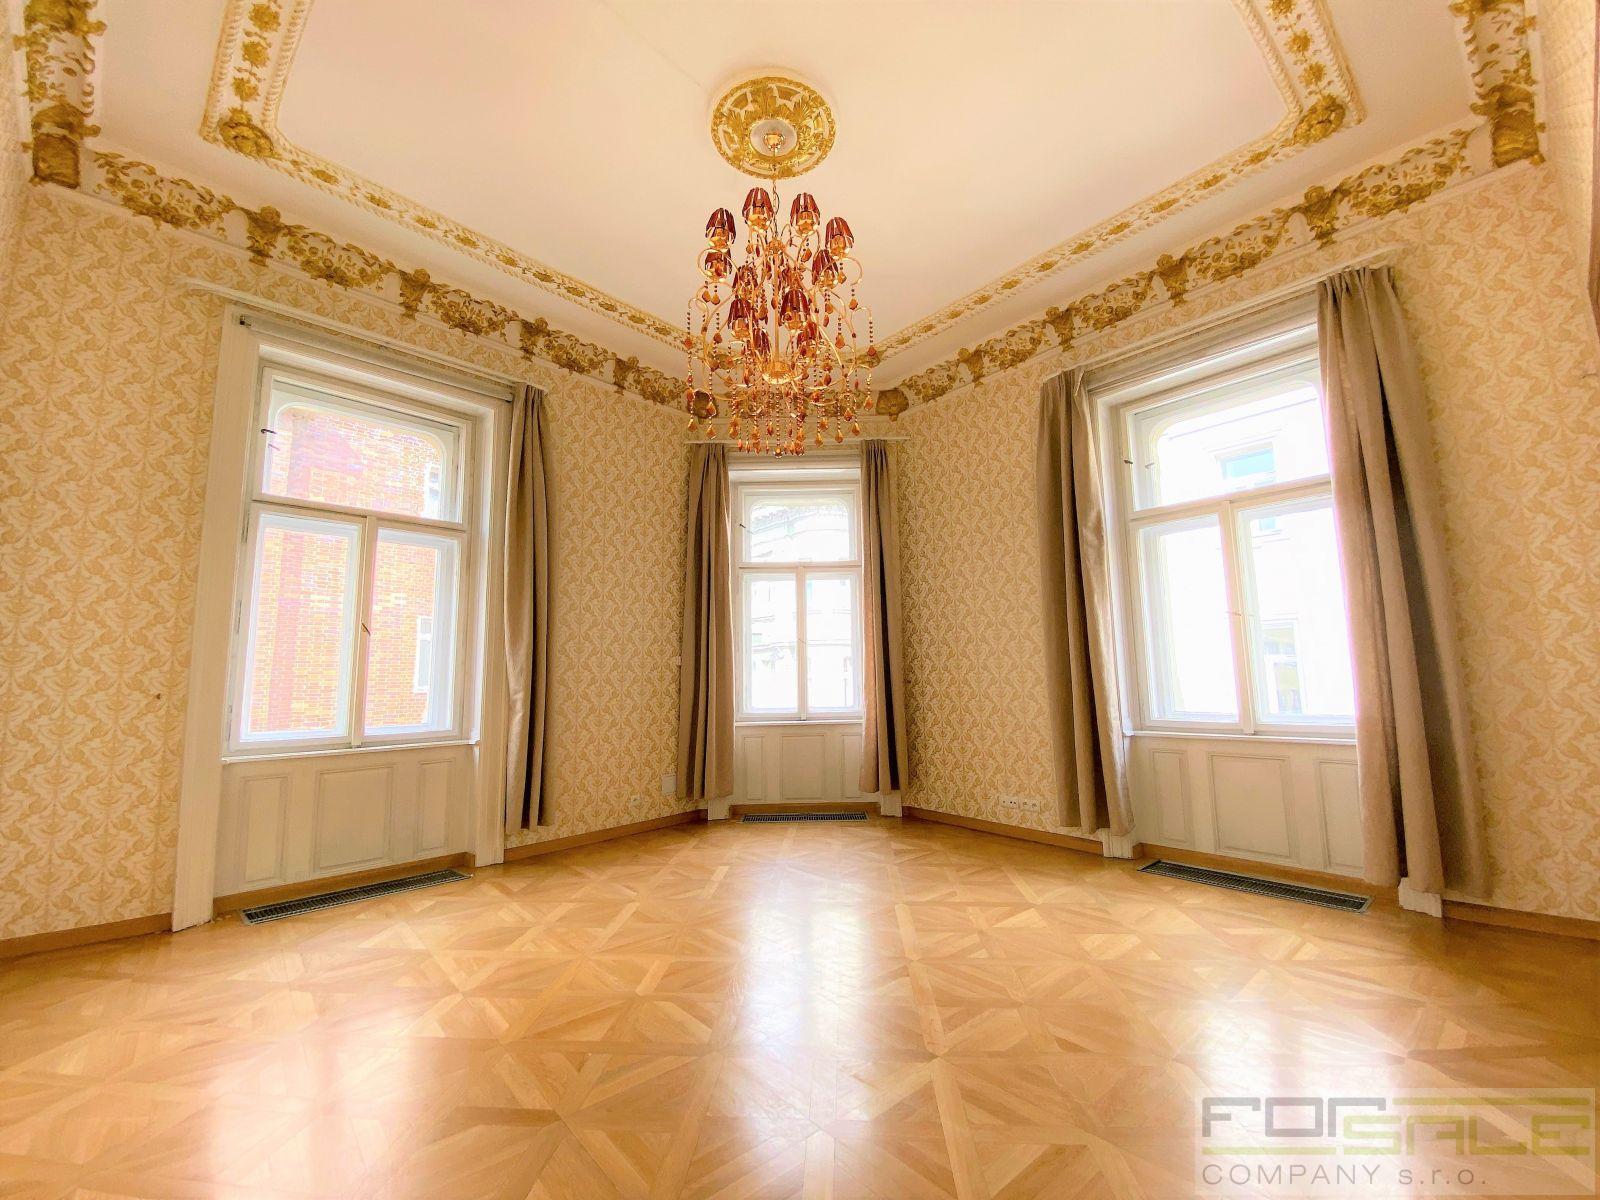 Prodej luxusního bytu 3+1/G, 130m2, OV, Praha 1  ul. Školská